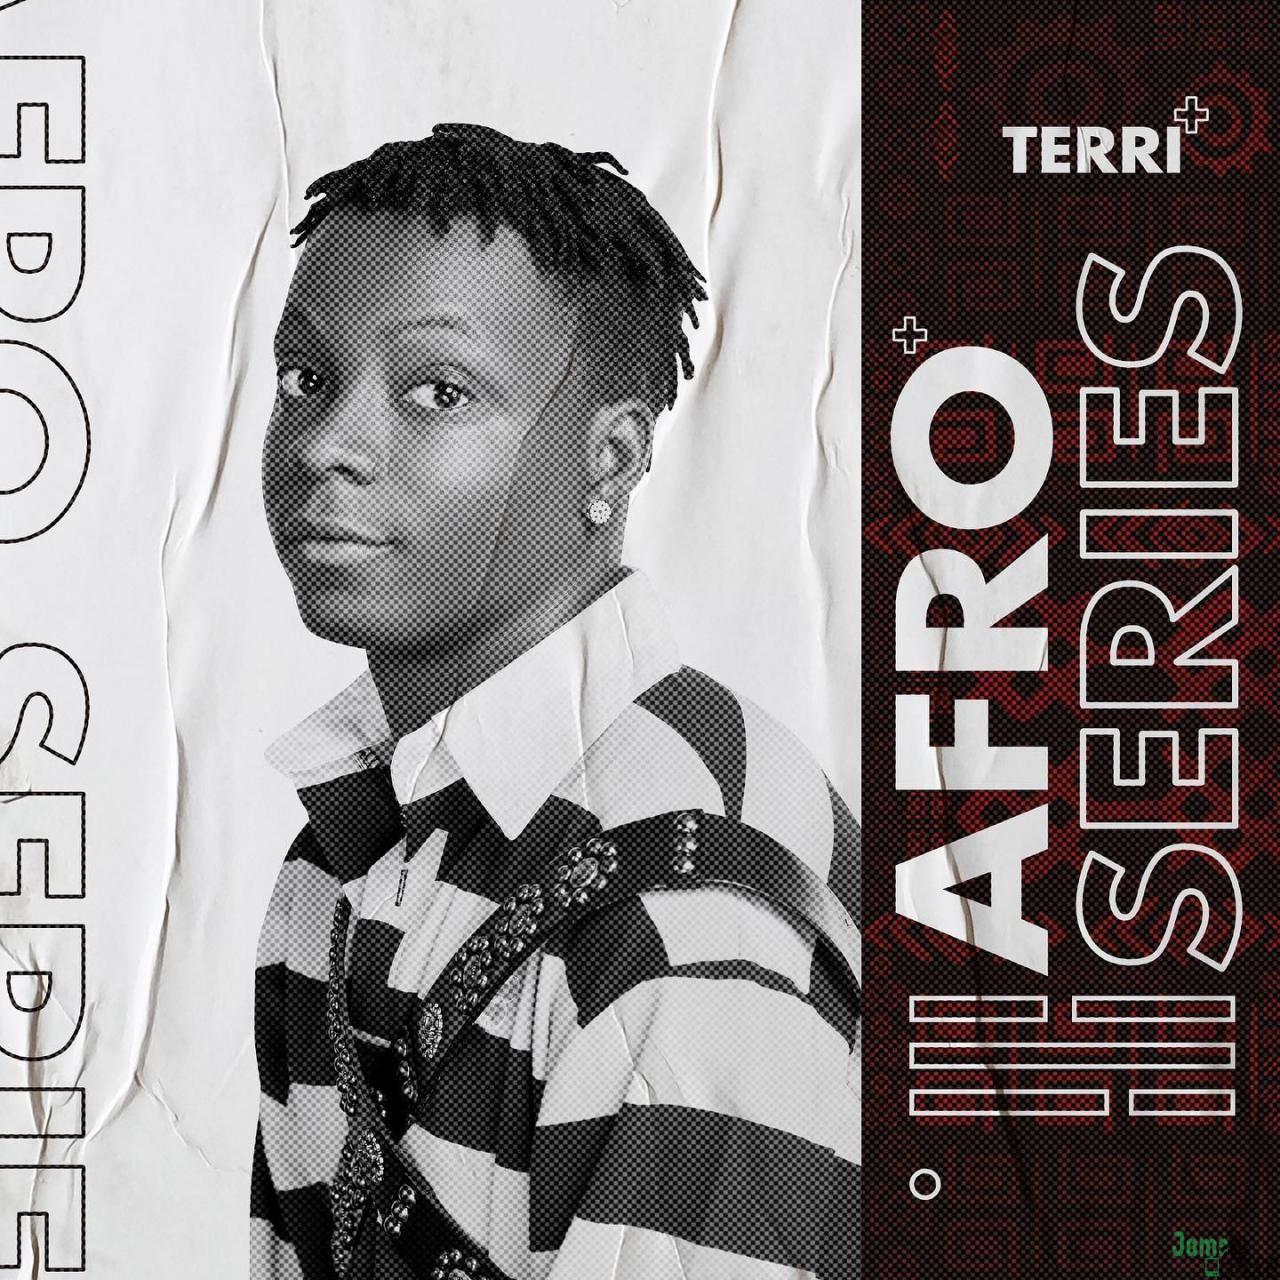 Download Terri – Kill Man